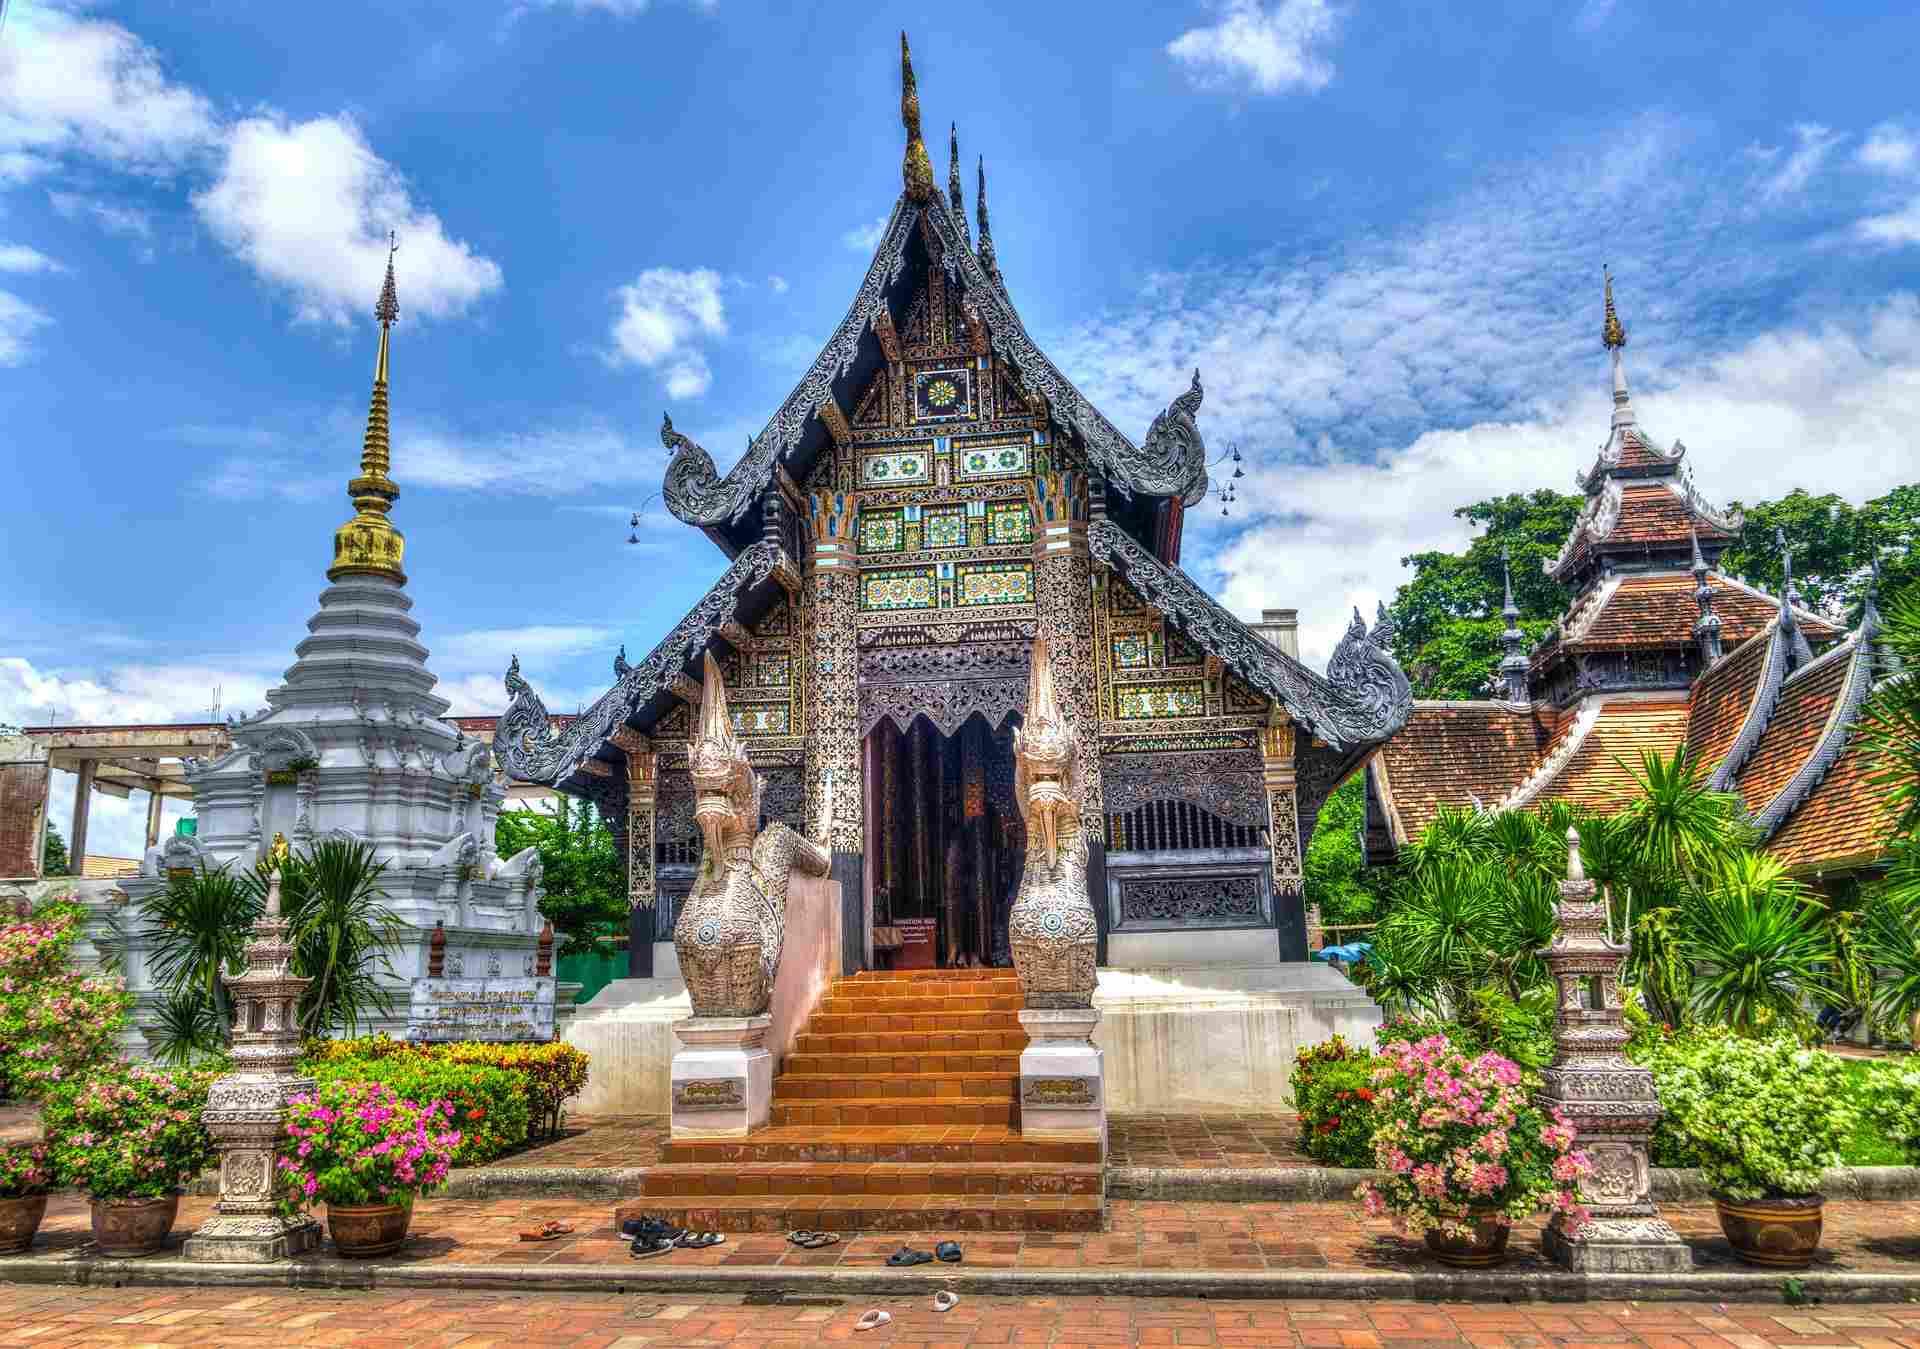 Dès 678€ par personne : séjour détente en Thaïlande !